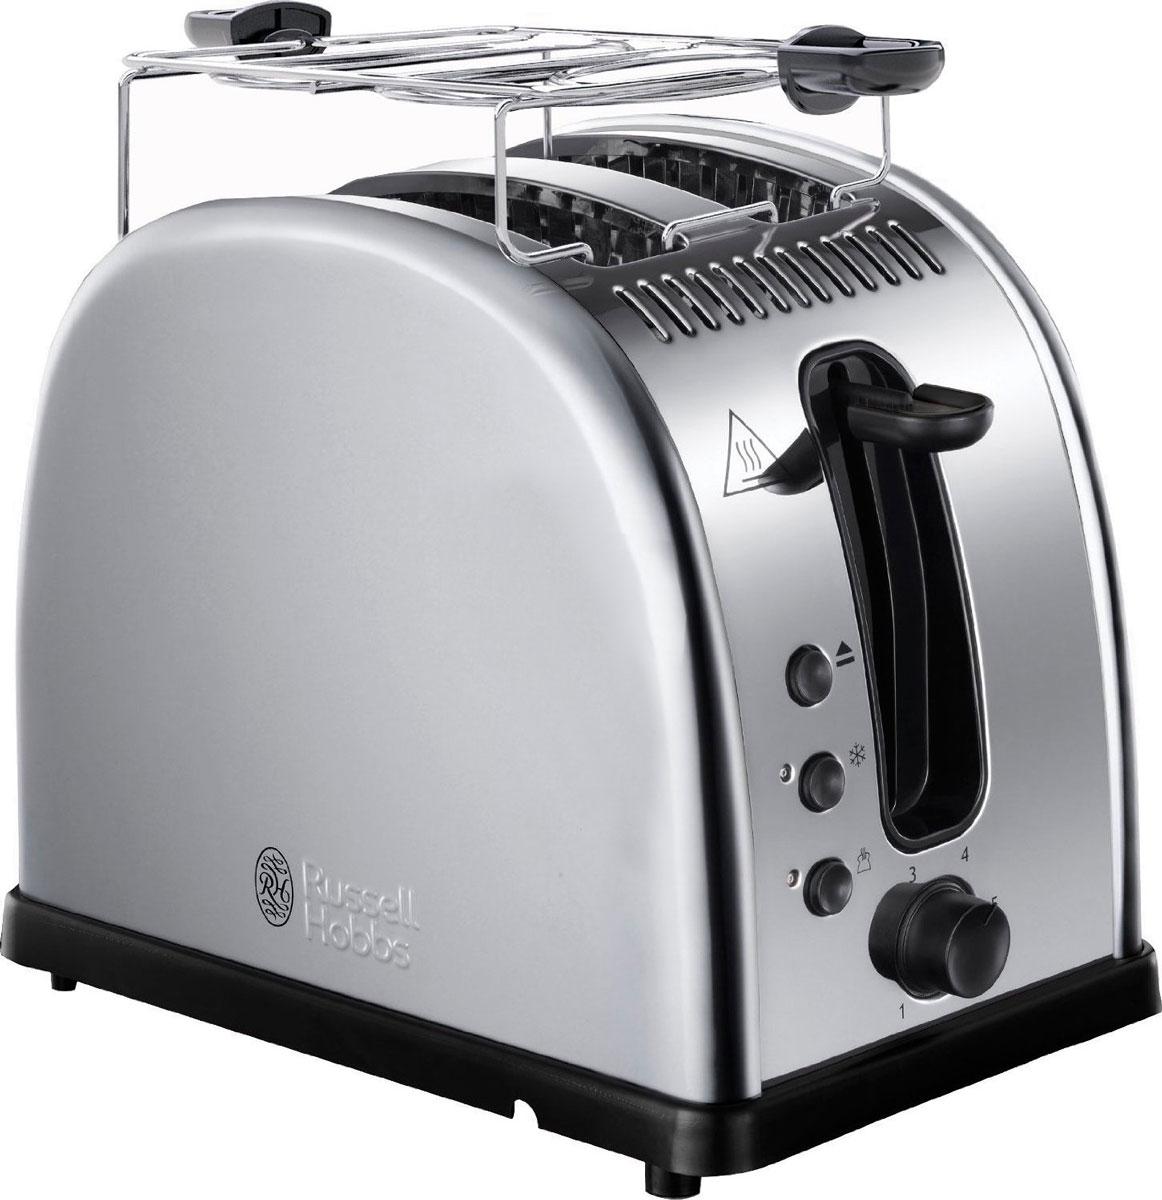 Russell Hobbs 21290-56, Polished тостер21290-56Мало времени с утра и нет возможности долго готовить любимые тосты? Вам понравится тостер Russell Hobbs 21290-56 с системой быстрого (до 55%) приготовления тостов. Поджаренные ломтики хлеба, так как вы их любите, будут готовы быстро и идеально. Широкие слоты позволят приготовить ломтики различной толщины или другие типы хлеба, допустим, булочки. Тостер Russell Hobbs 21290-56 также обладает функцией разморозки, разогрева и принудительной отмены программы приготовления. Прибор обладает специальным дизайном решетки для разогрева и будет прекрасным подарком для всех любителей поджаренных ломтиков. Решетка для разогрева также поможет сохранить температуру приготовленных ломтиков.